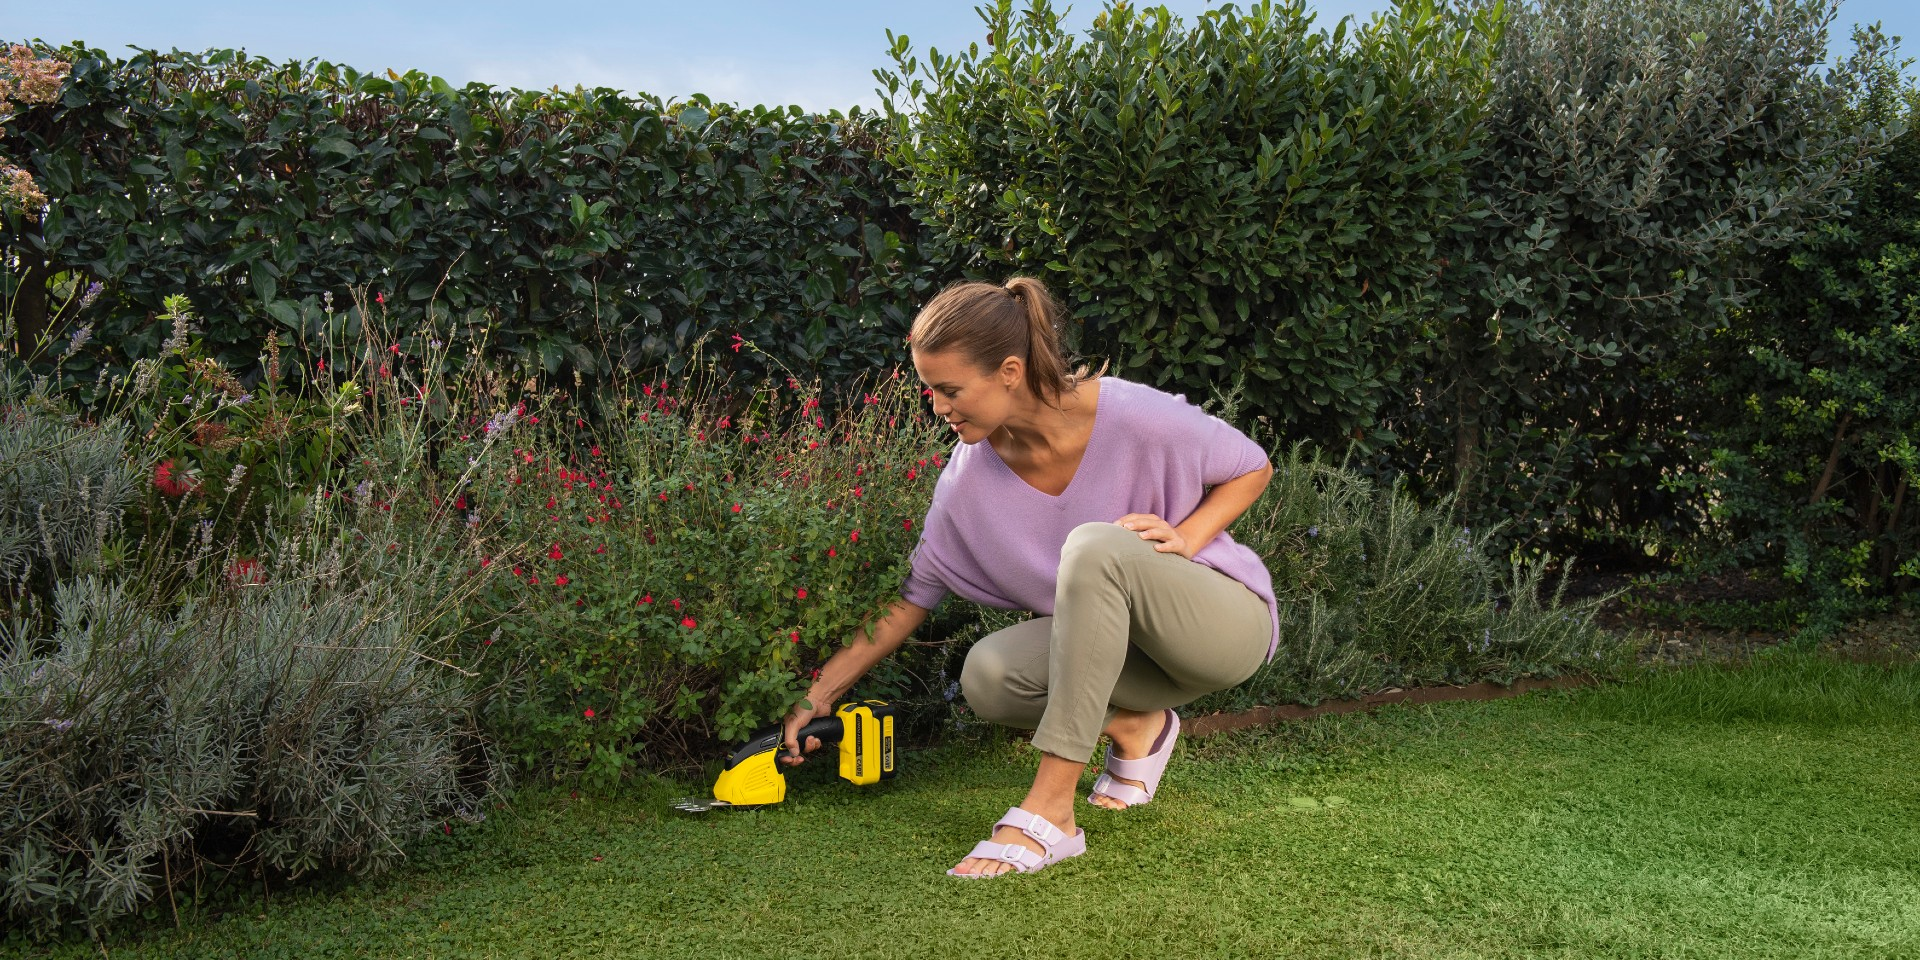 Kreće sezona uređenja vrtova i okućnica - ovih 5 uređaja trebamo svi